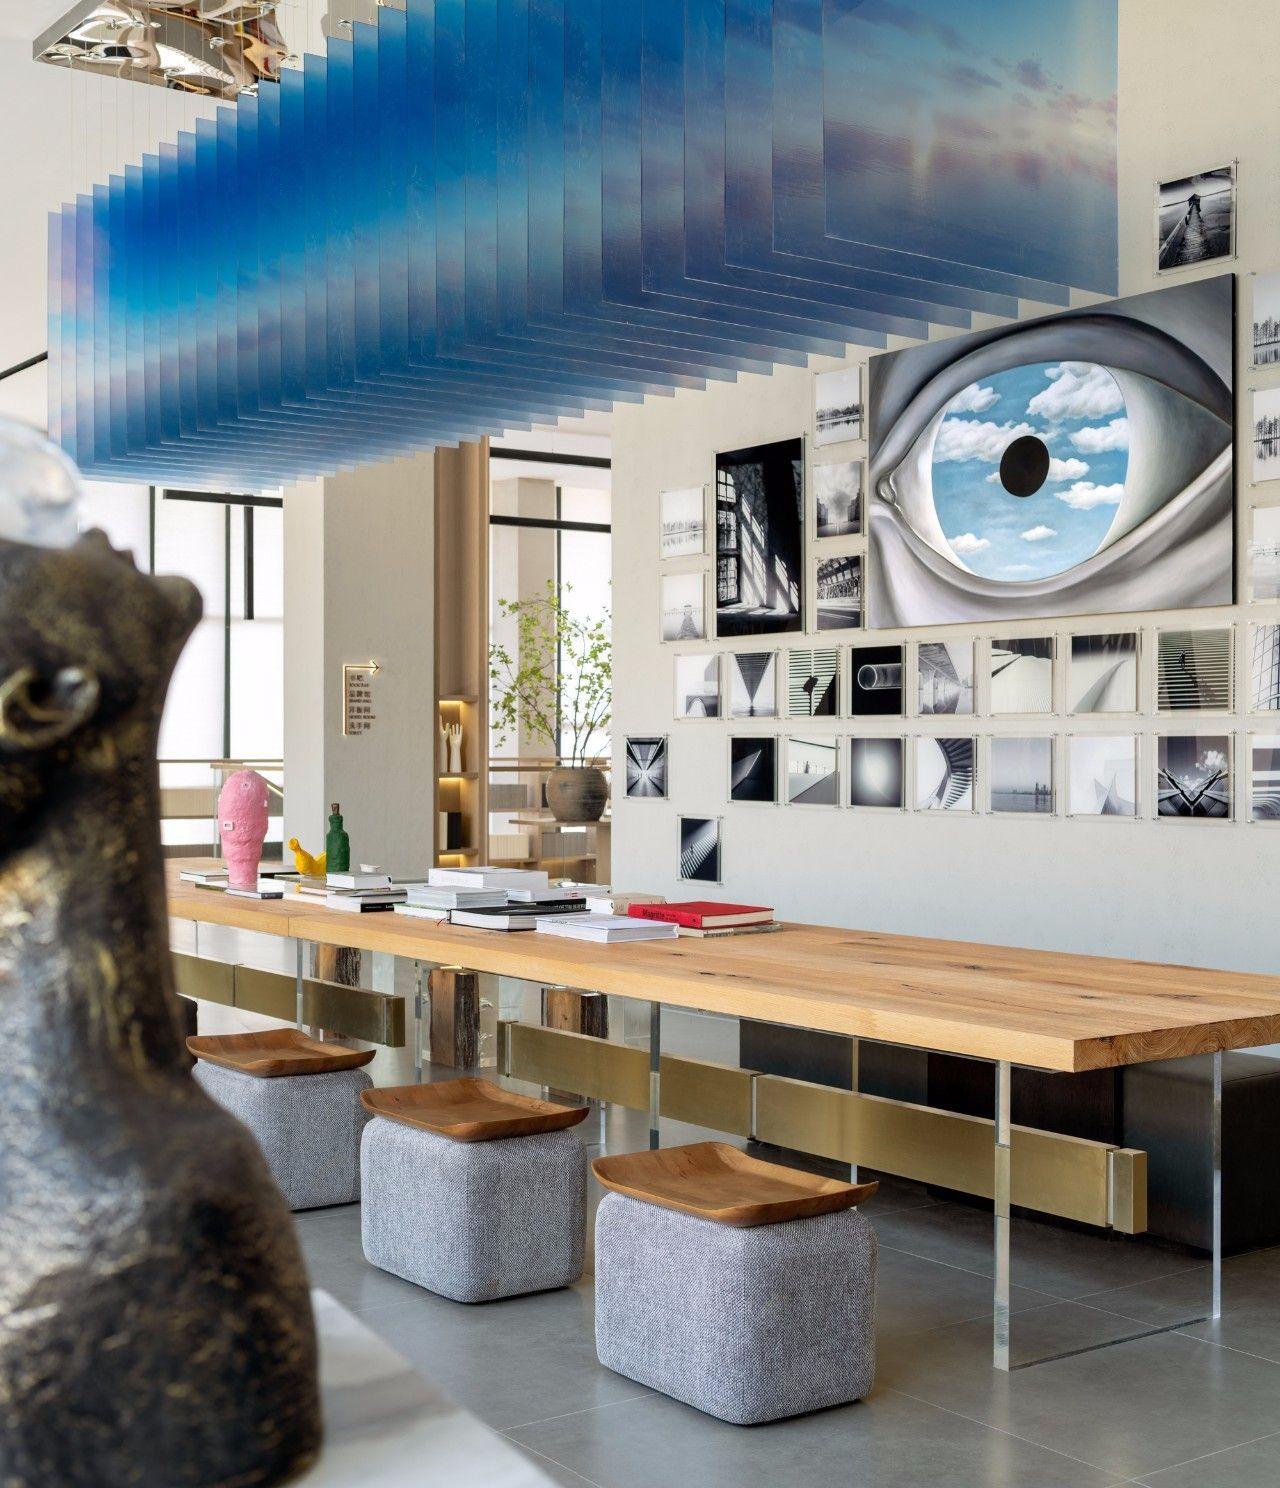 【G&K新作】武汉最艺术的沉浸体验式售楼处设计|G&K建筑设计咨询有限公司 - 8